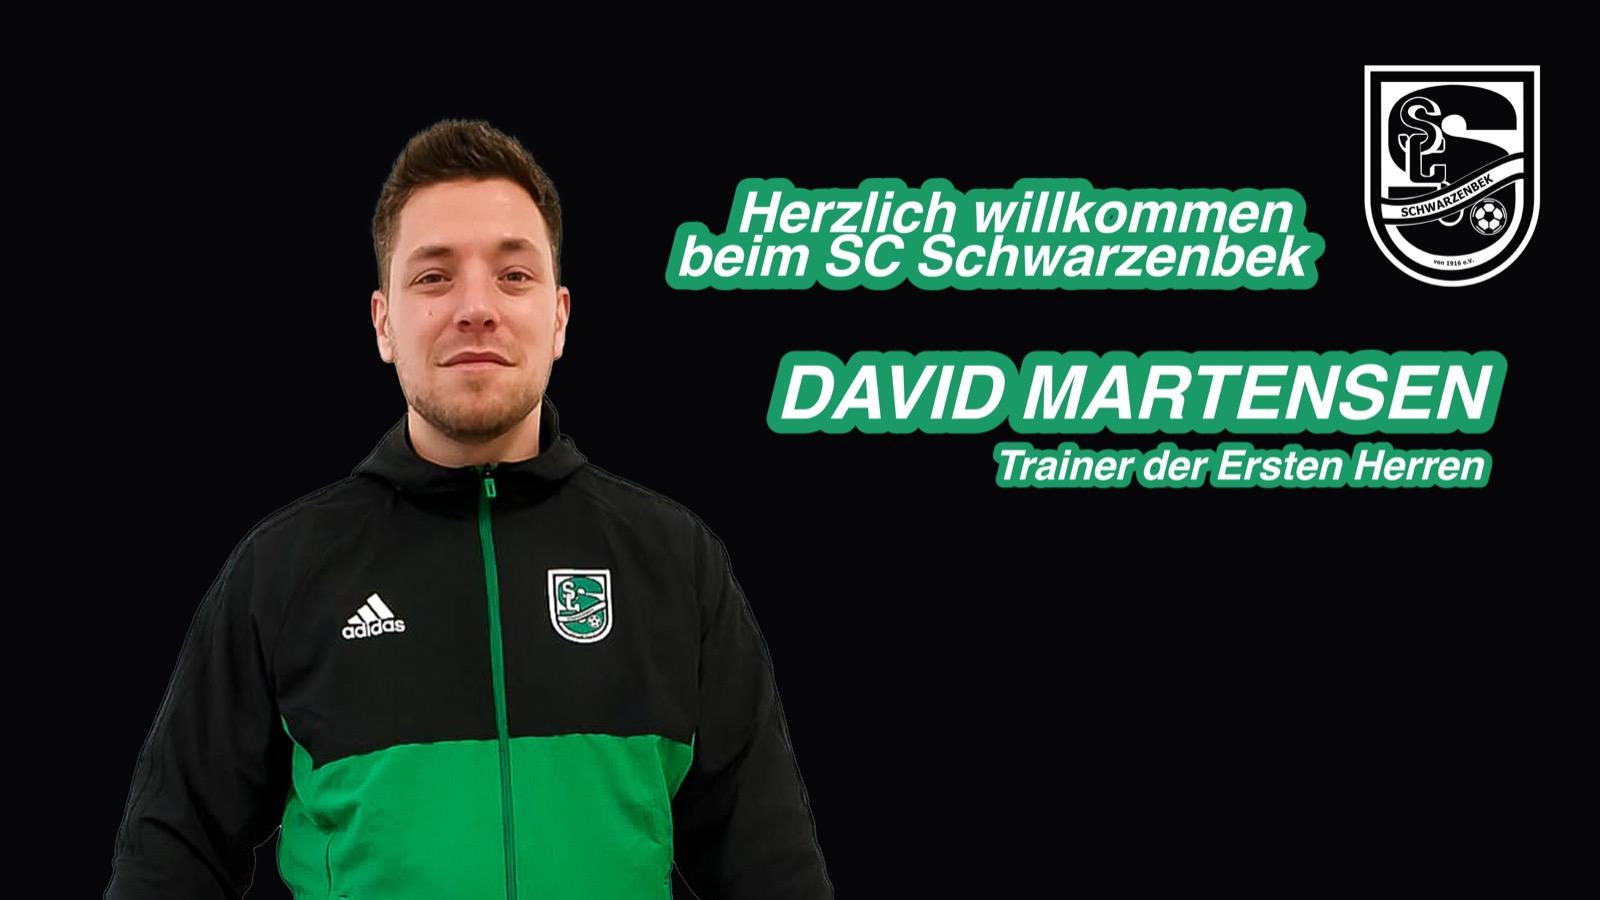 David Martensen wird neuer Trainer der Ersten Herren